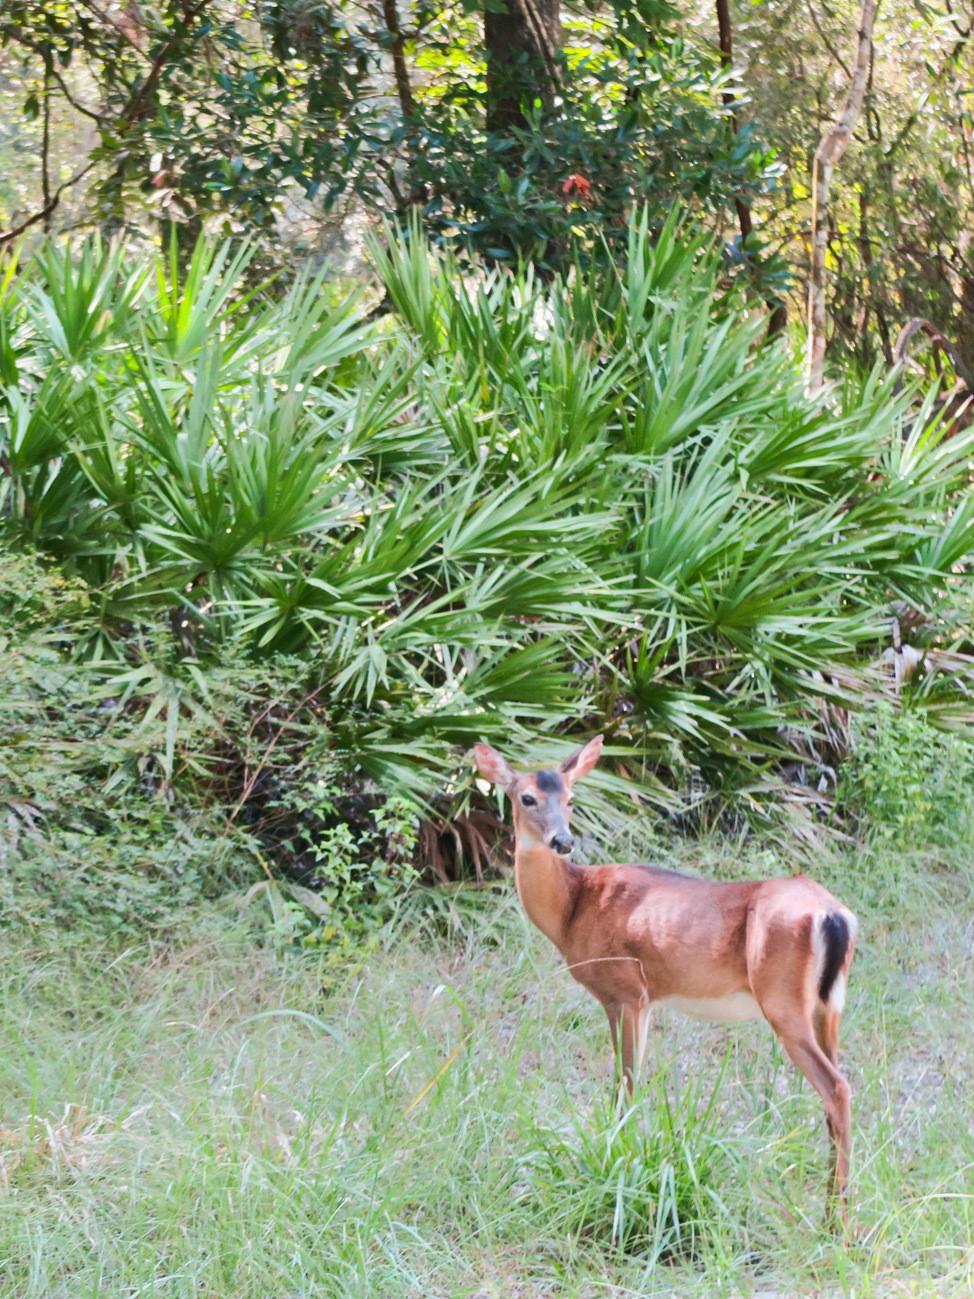 Wild deer at Manatee Springs State Park